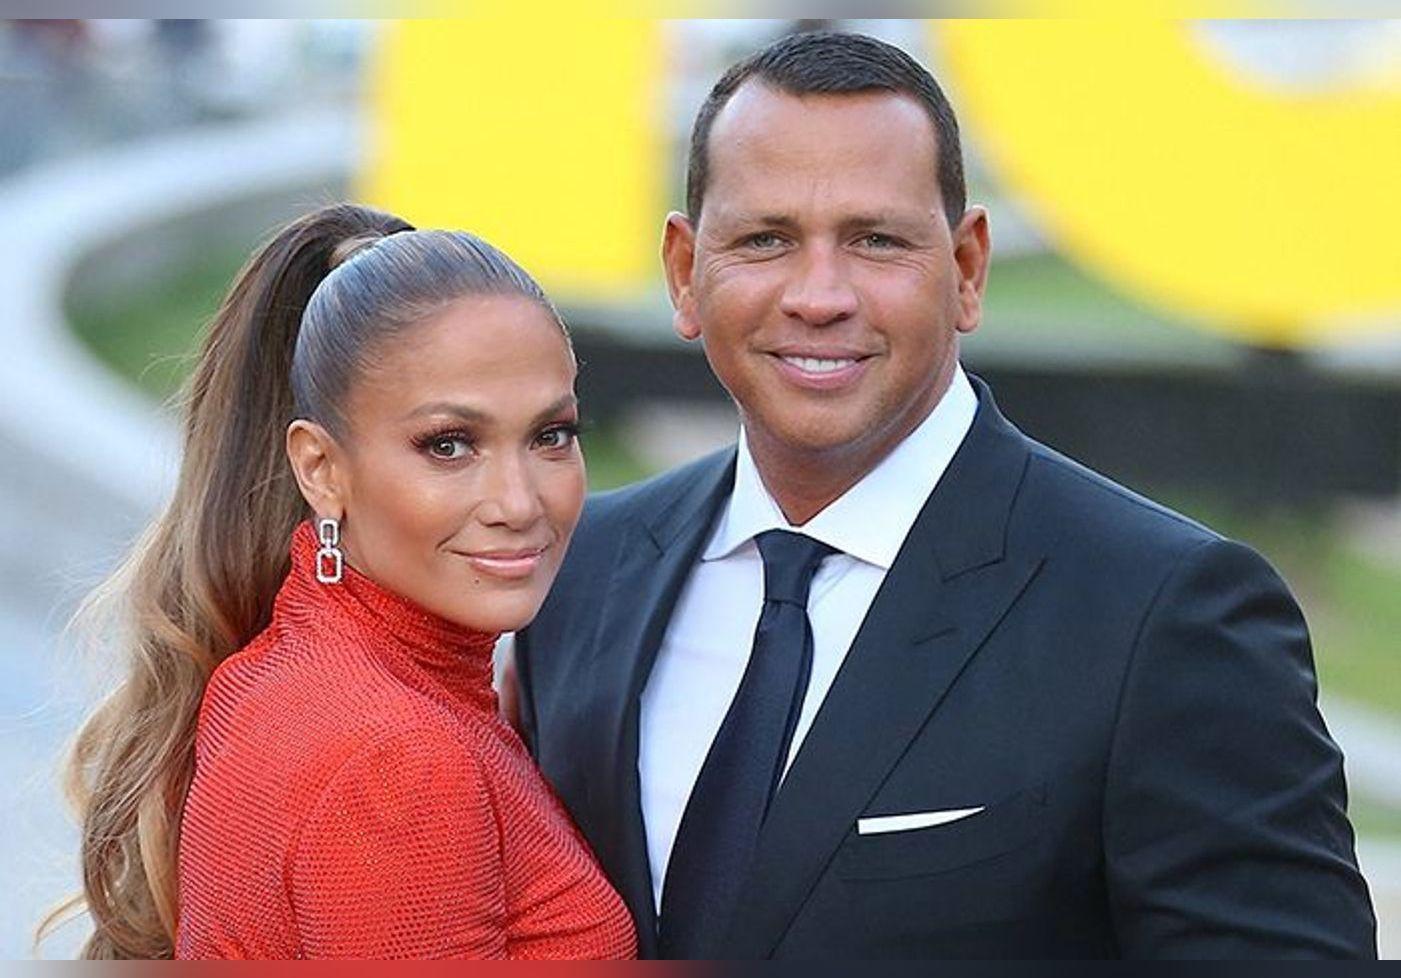 Jennifer Lopez célibataire… La chanteuse s'est séparée d'Alex Rodriguez avec qui elle allait se marier